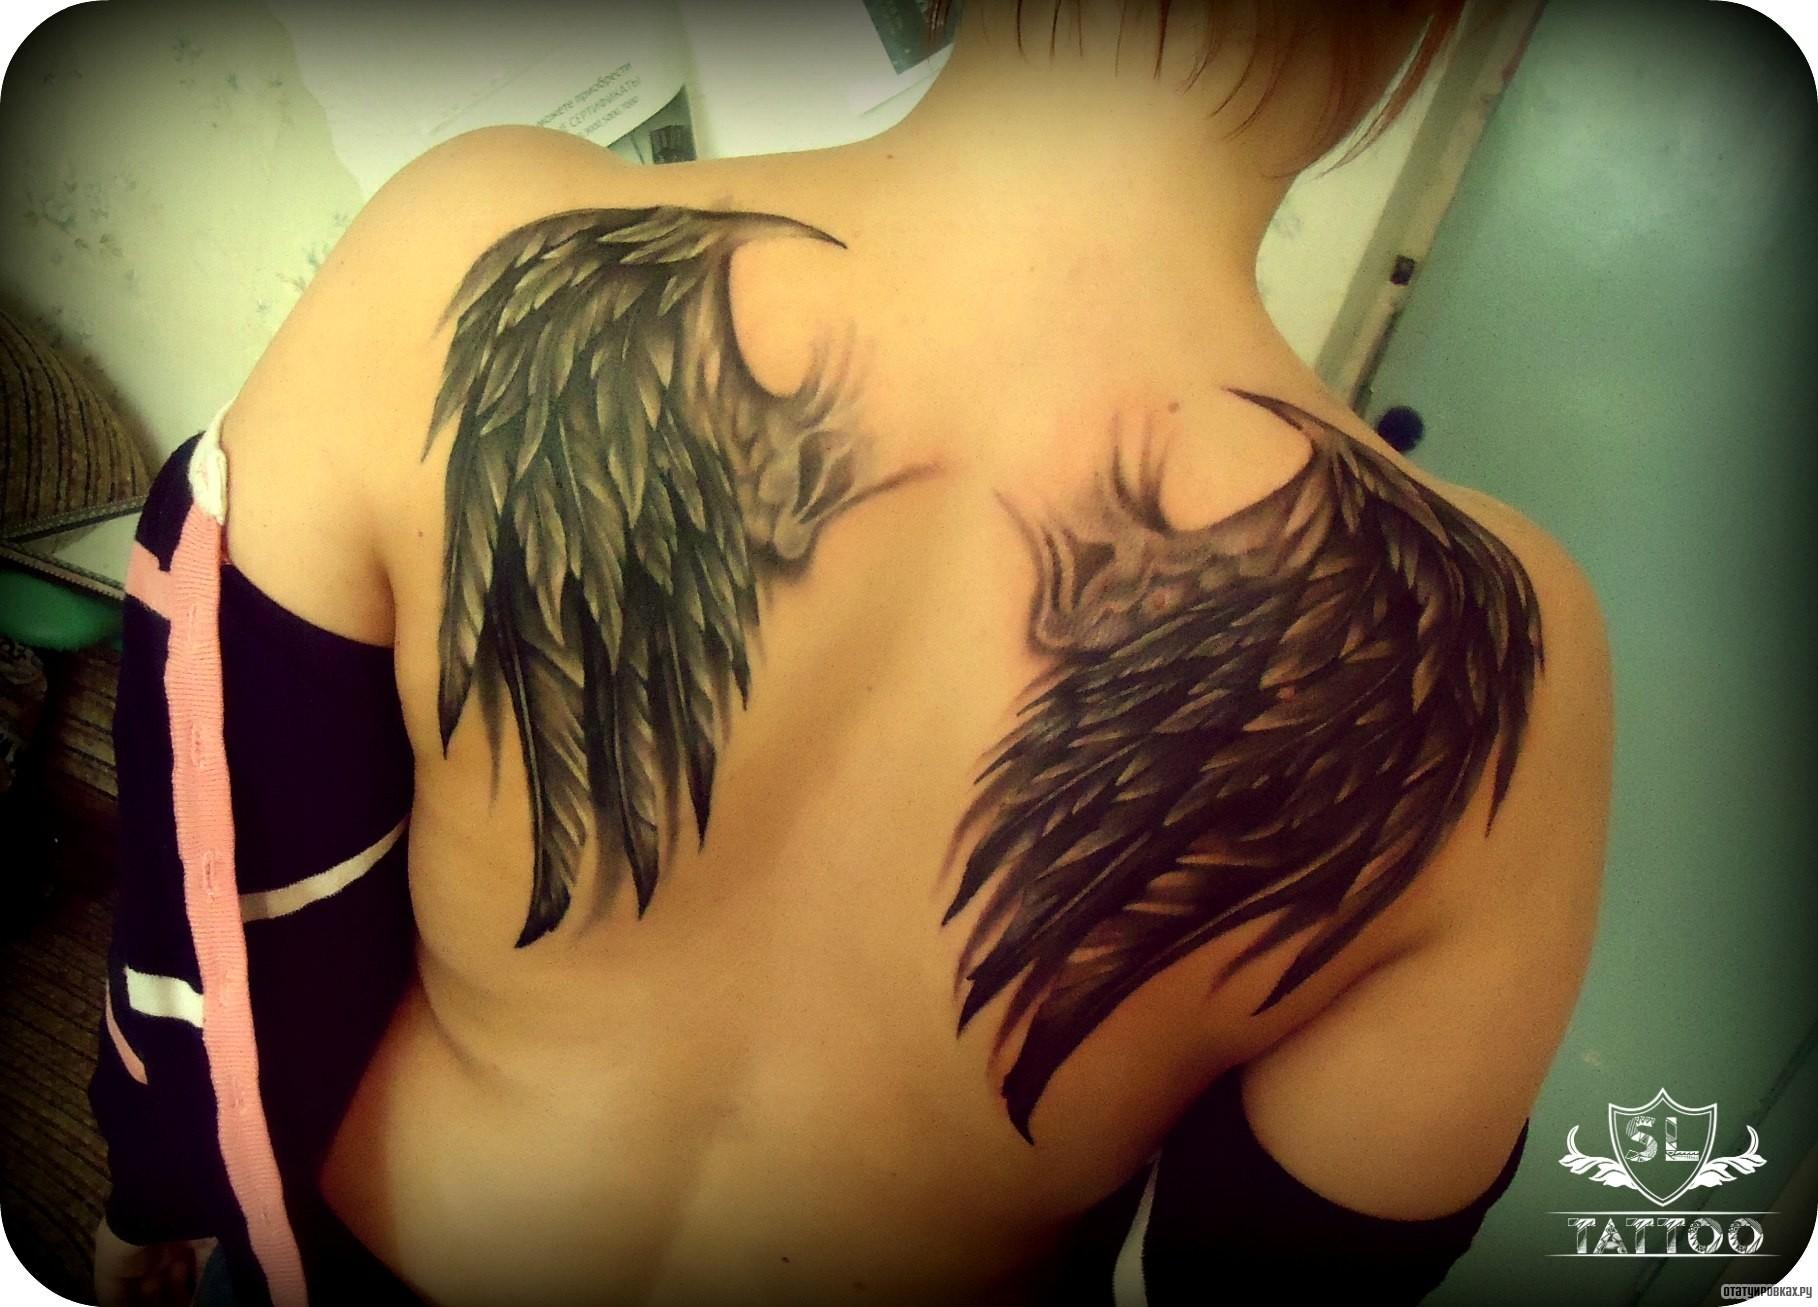 металлические кровати крылья тату фото картинки картинки гламурными